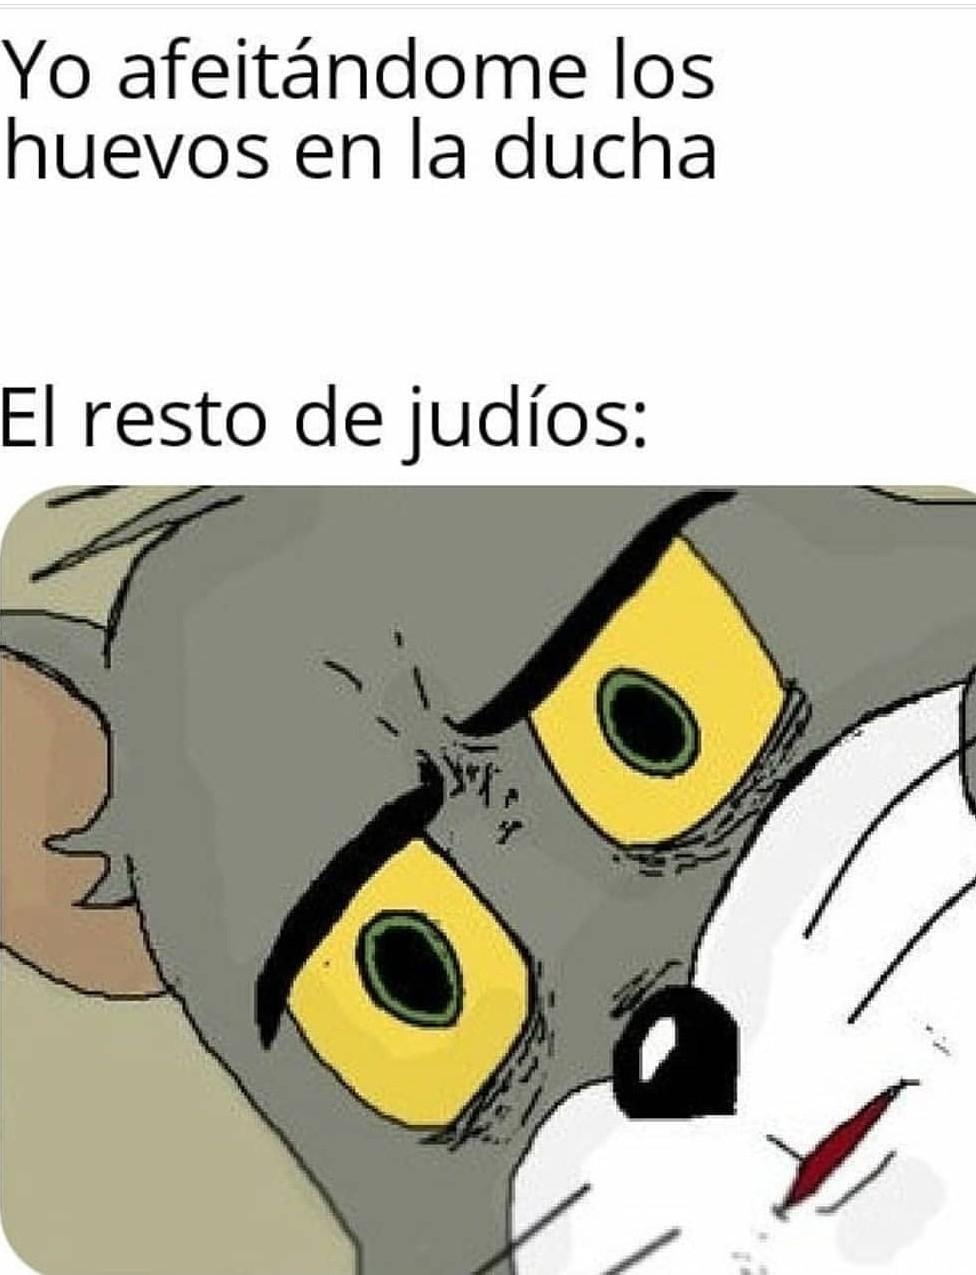 Judios - meme